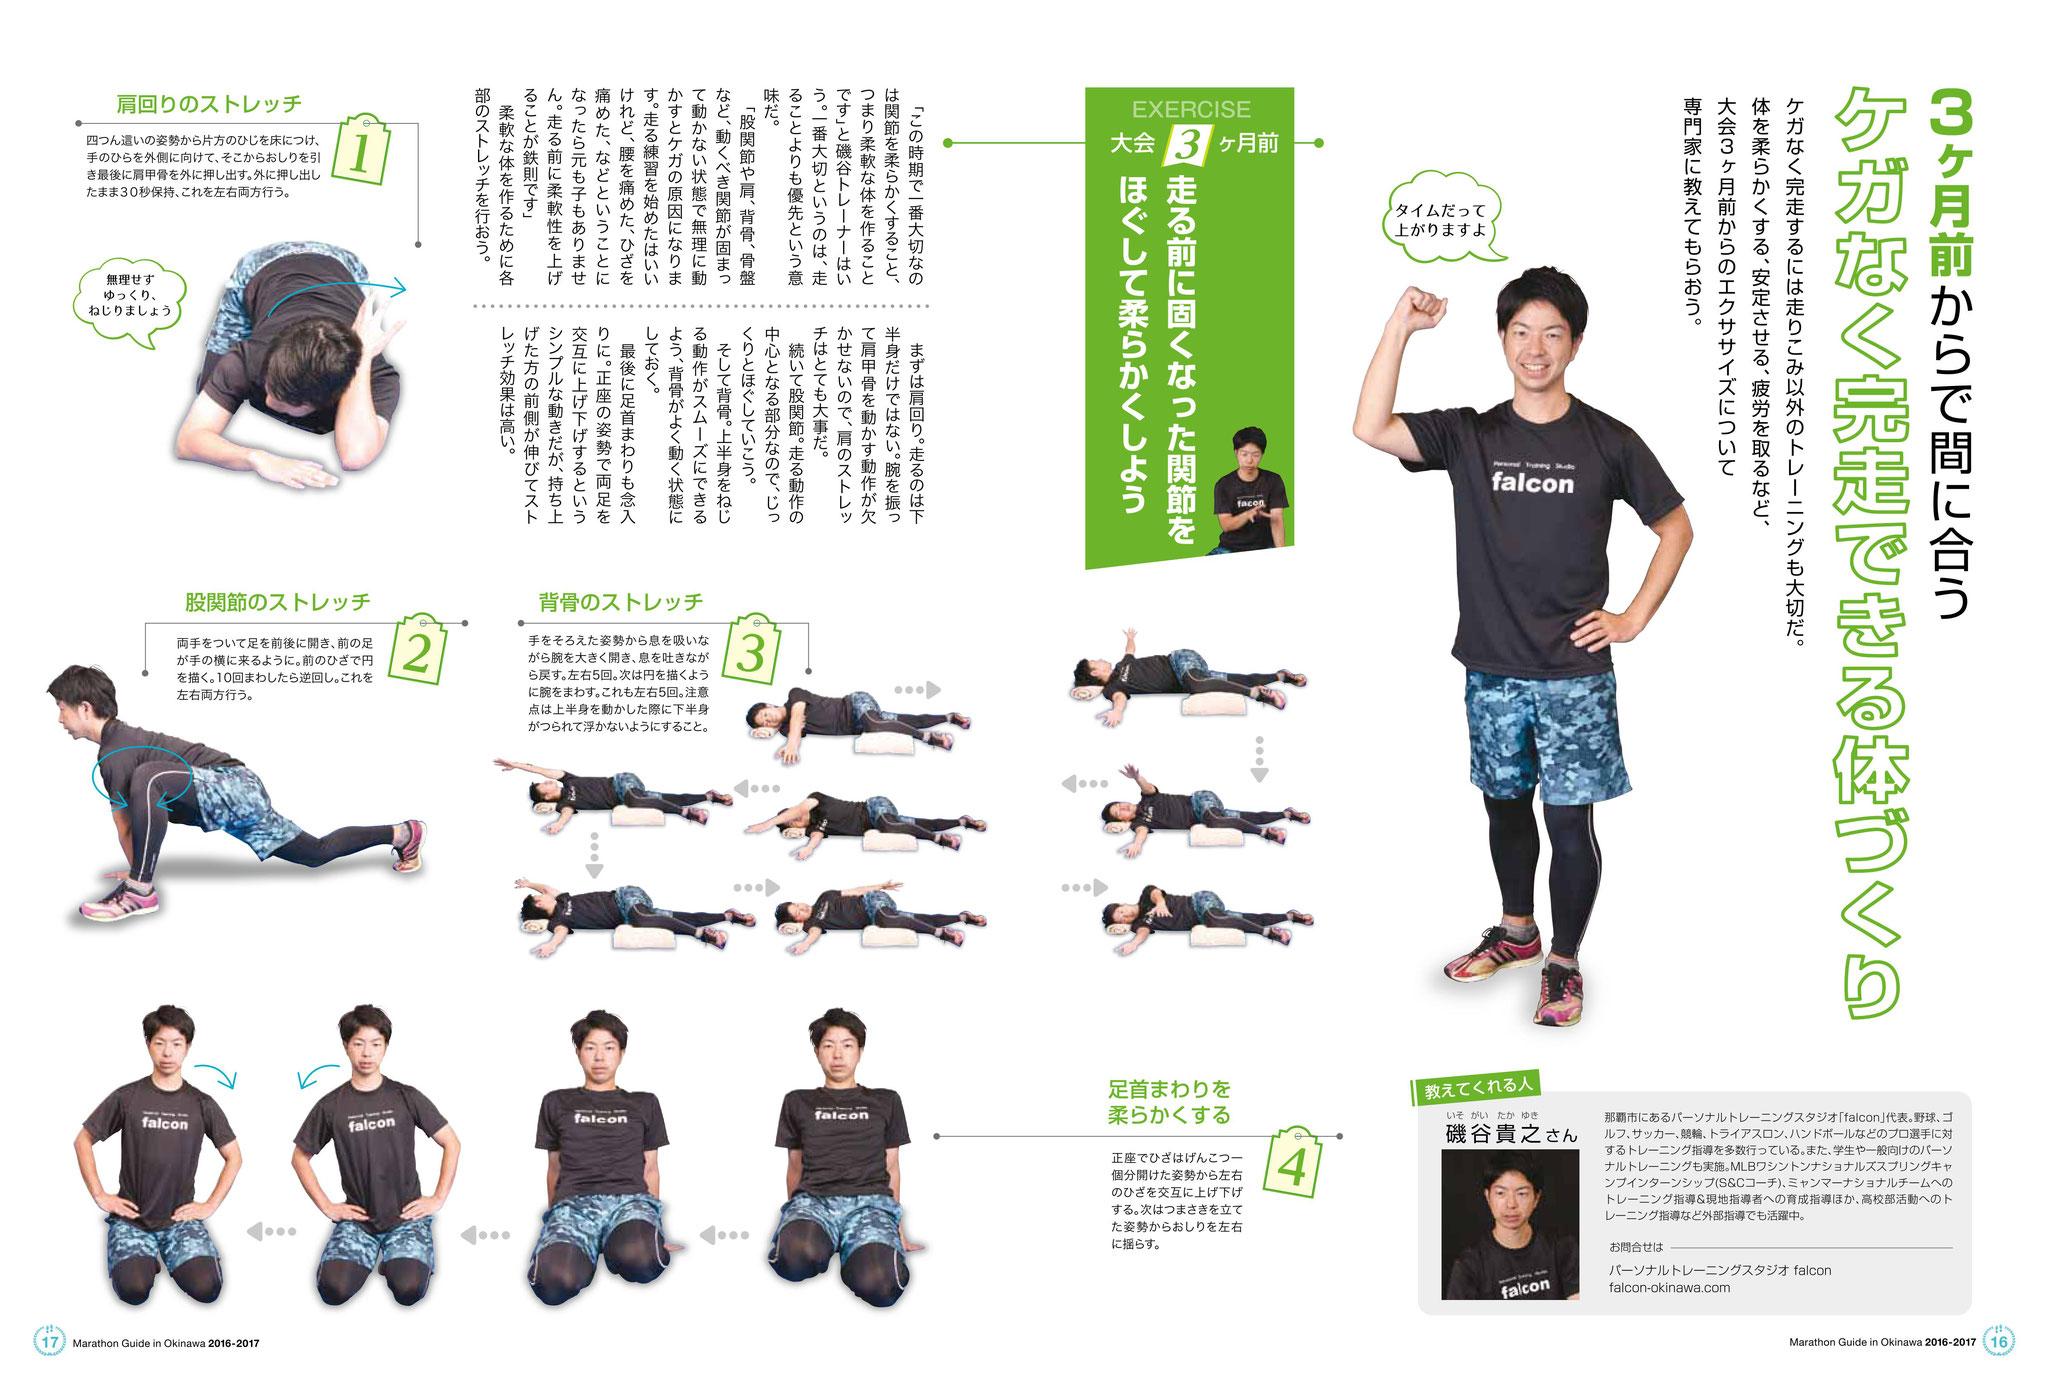 「沖縄マラソンガイド2016-2017」